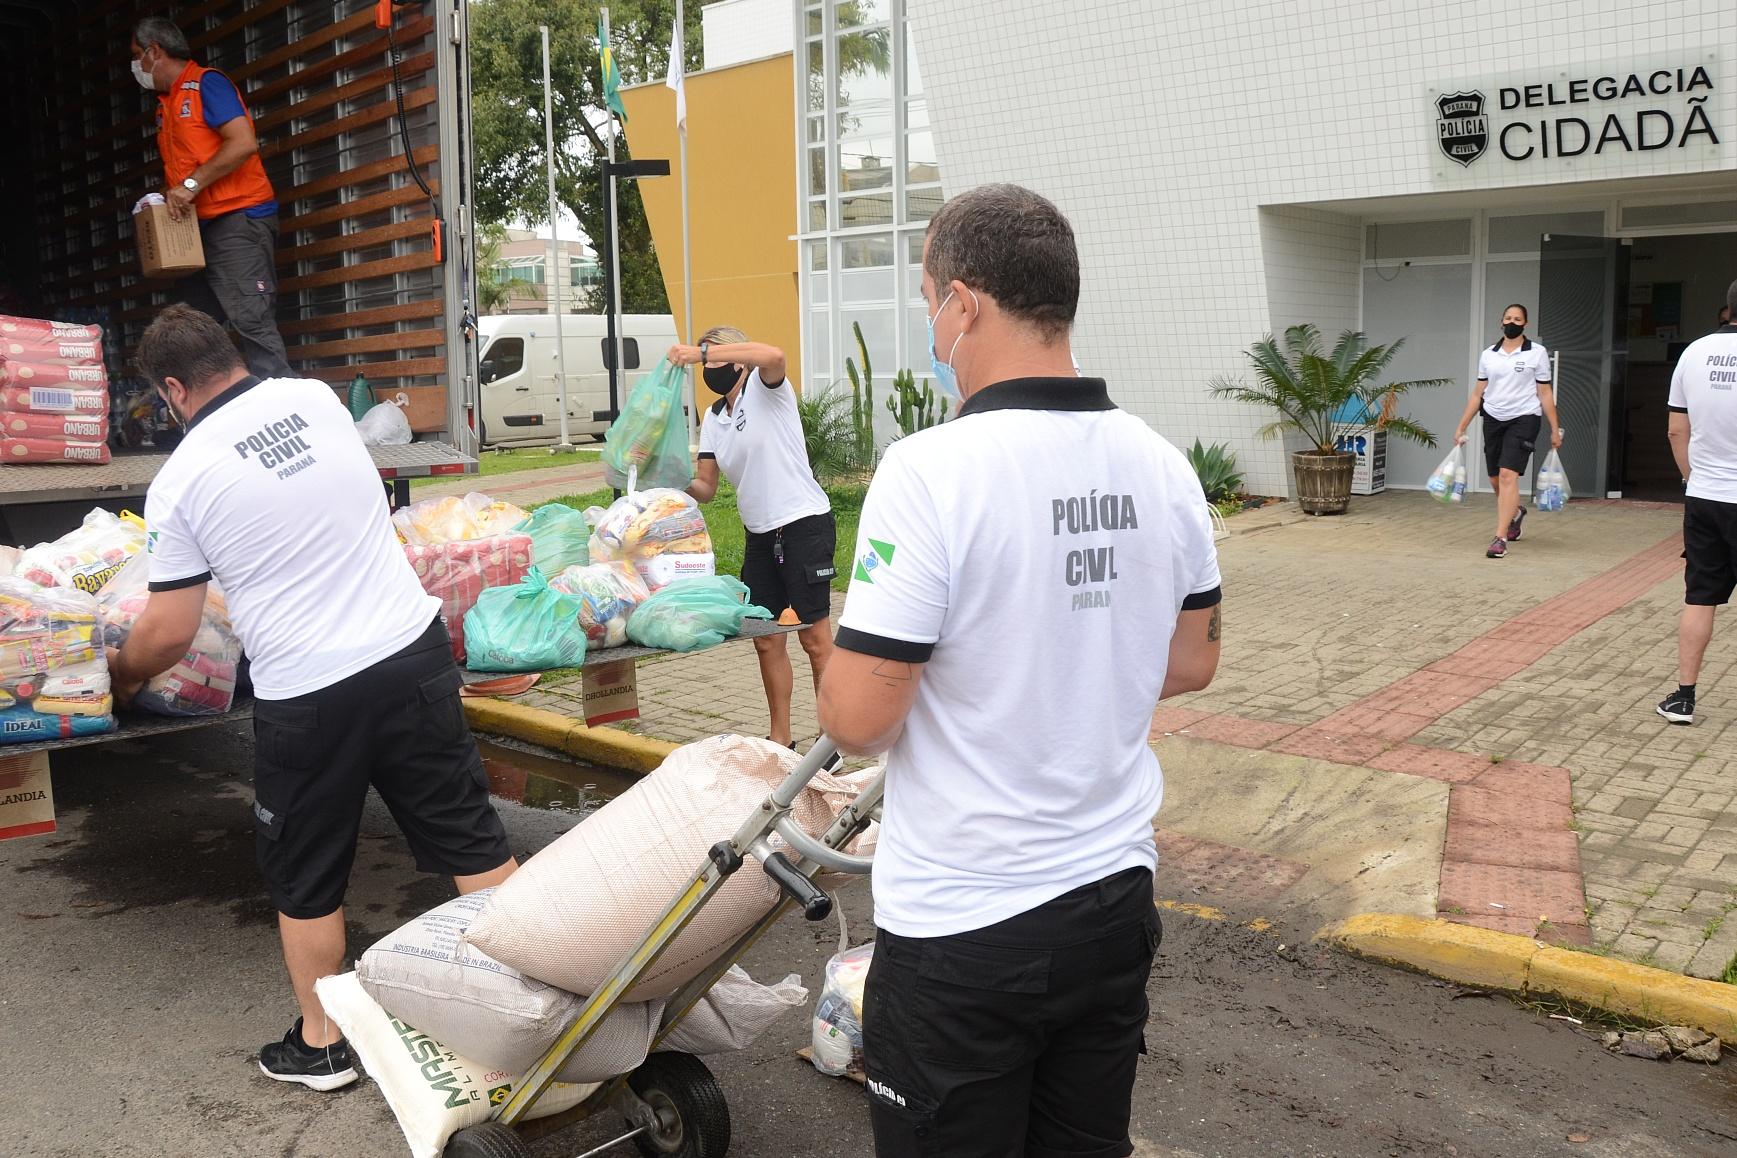 PCPR entrega à Defesa Civil cinco toneladas de doações para vítimas de enchentes de Guaraqueçaba